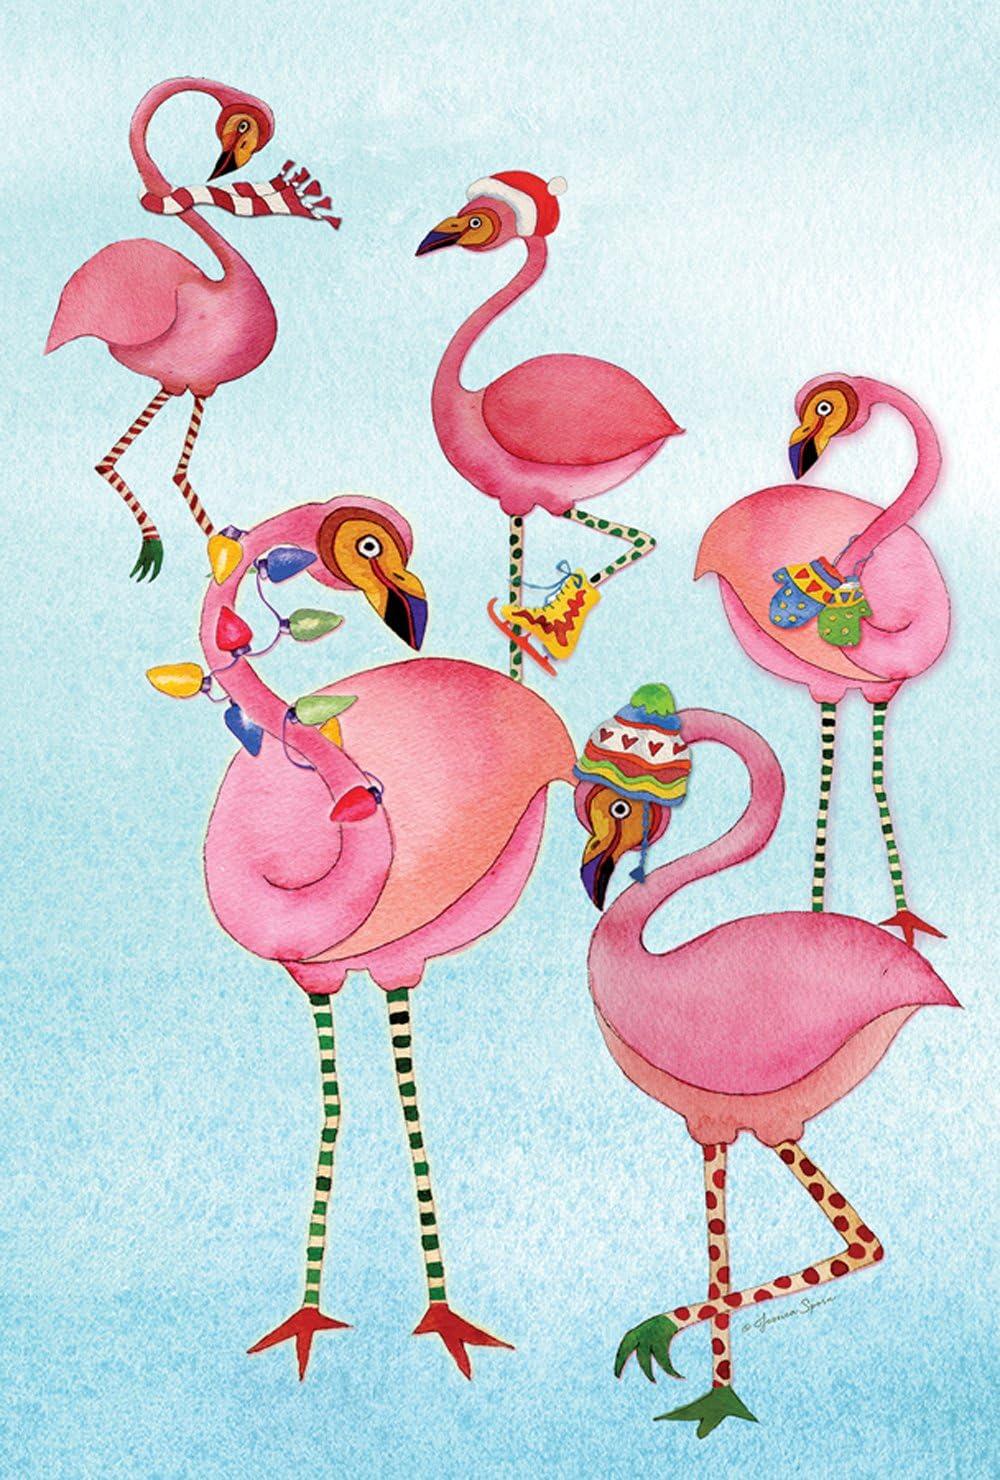 Toland Home Garden Festive Flamingo 12.5 x 18 Inch Decorative Tropical Winter Bird Garden Flag - 1110473